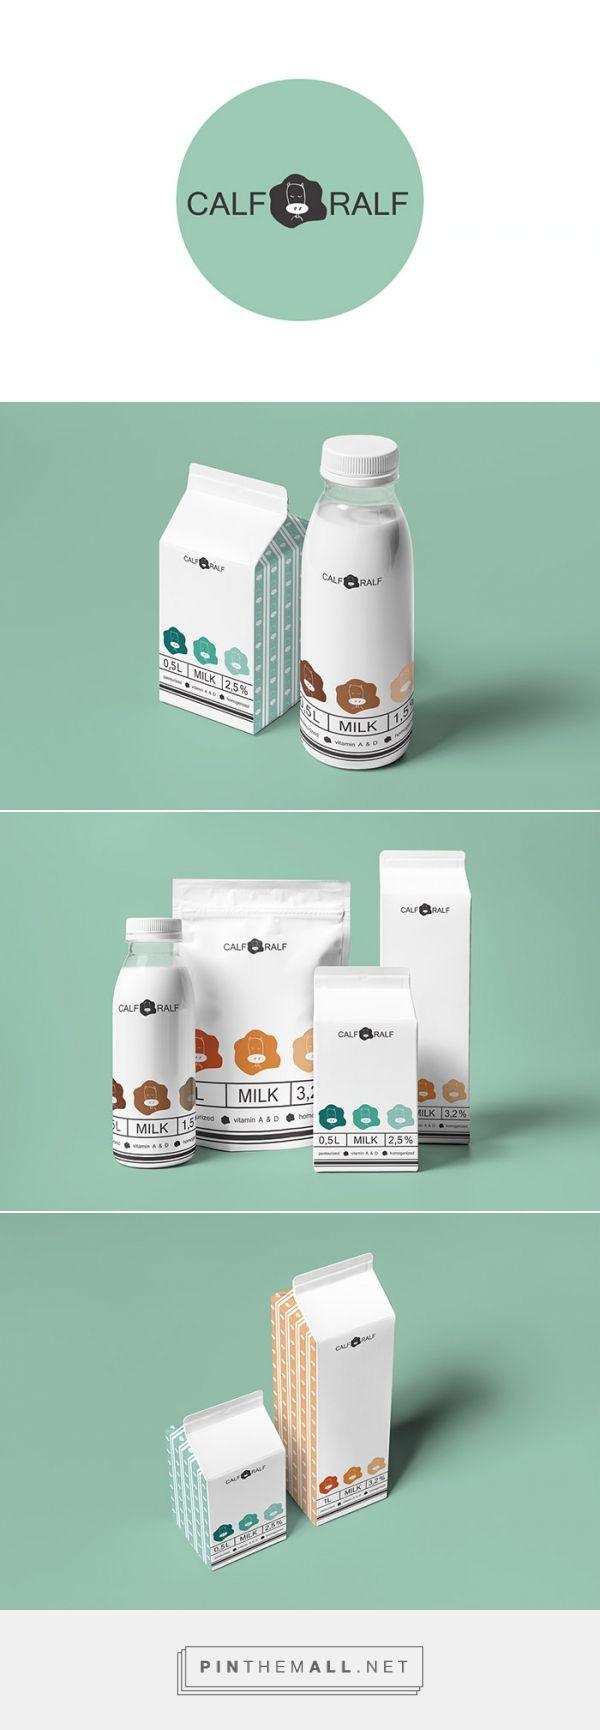 Calf Ralf milk y Katya Oposhnyanskaya. Pin curate by #SFields99 #packaging #design